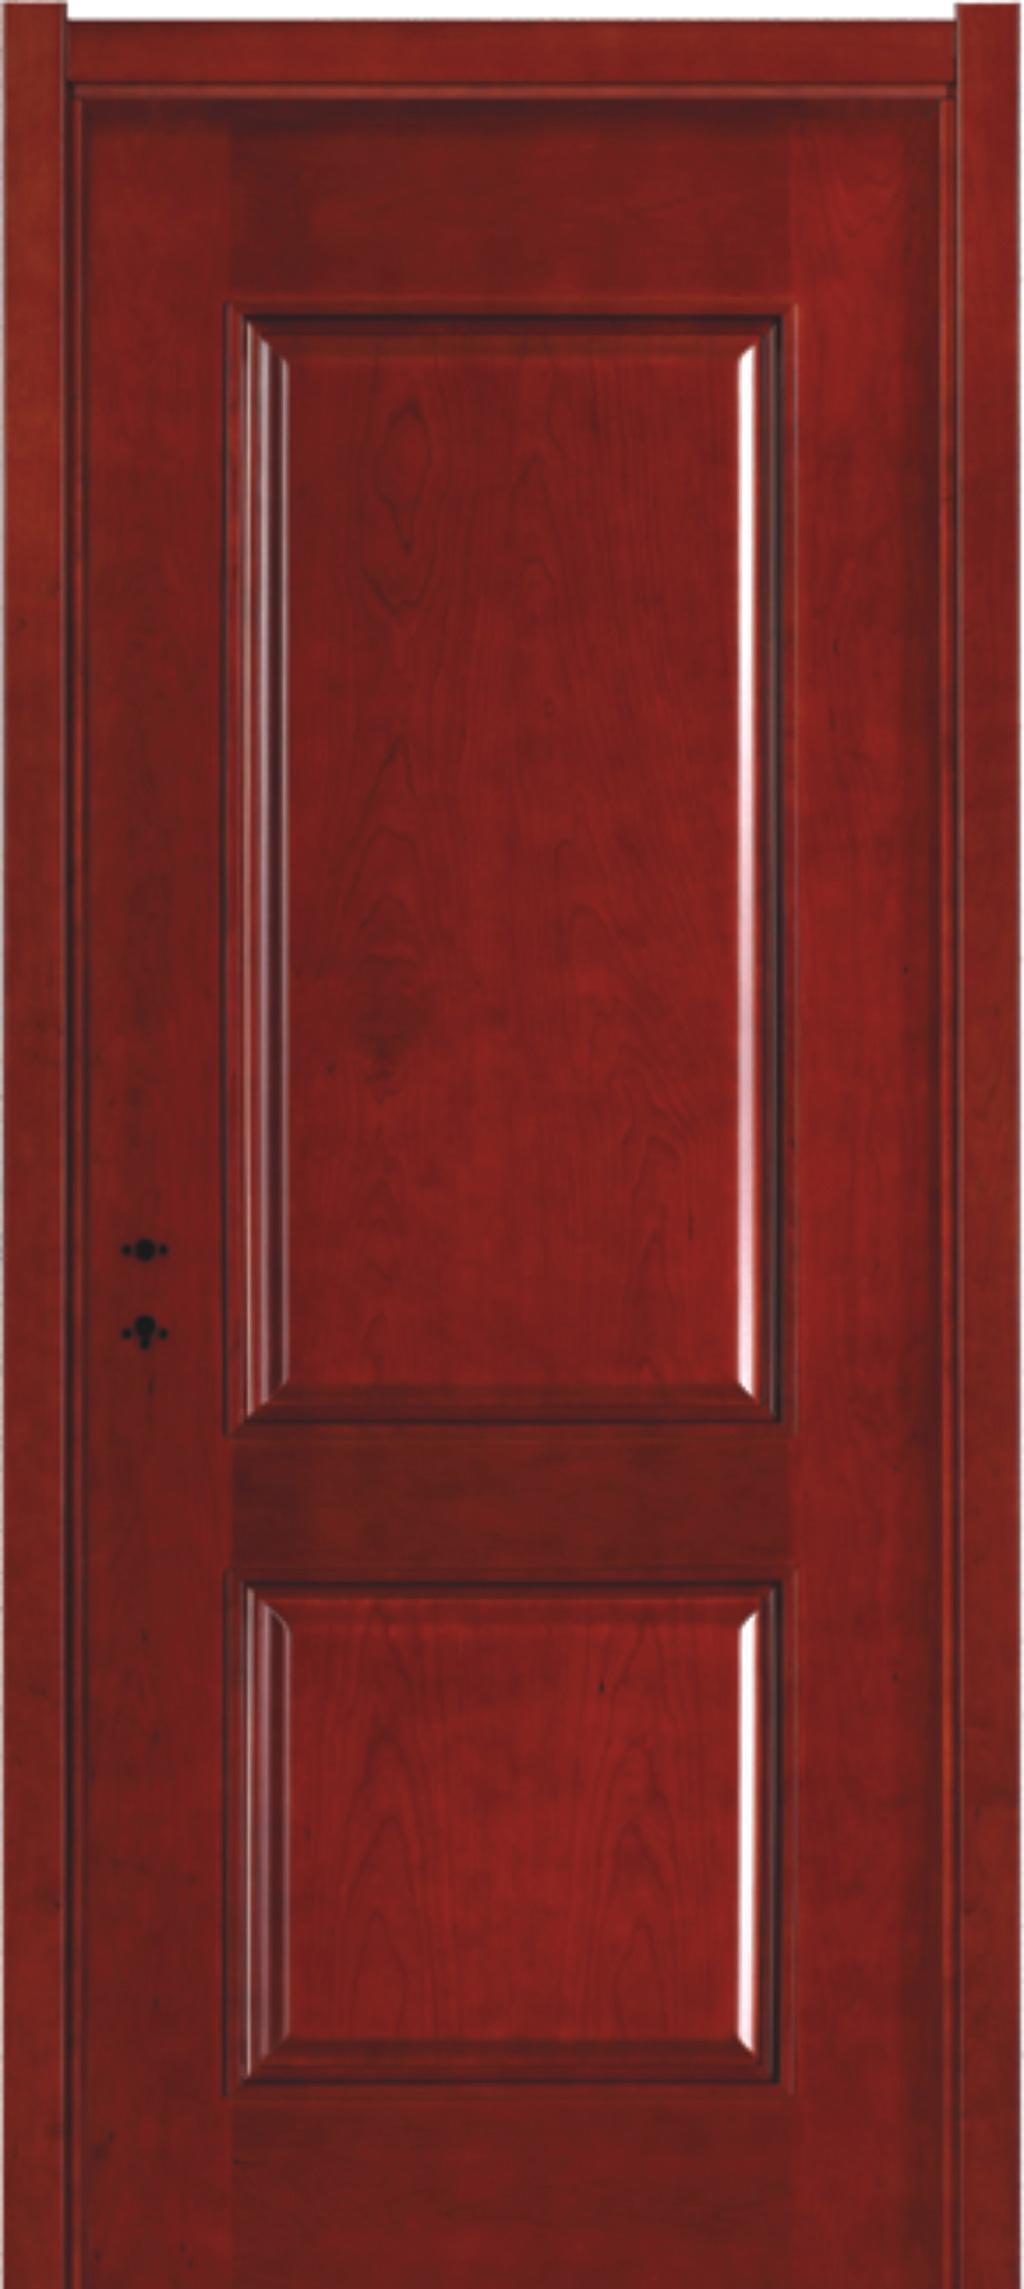 金迪DV02AL-005油漆门